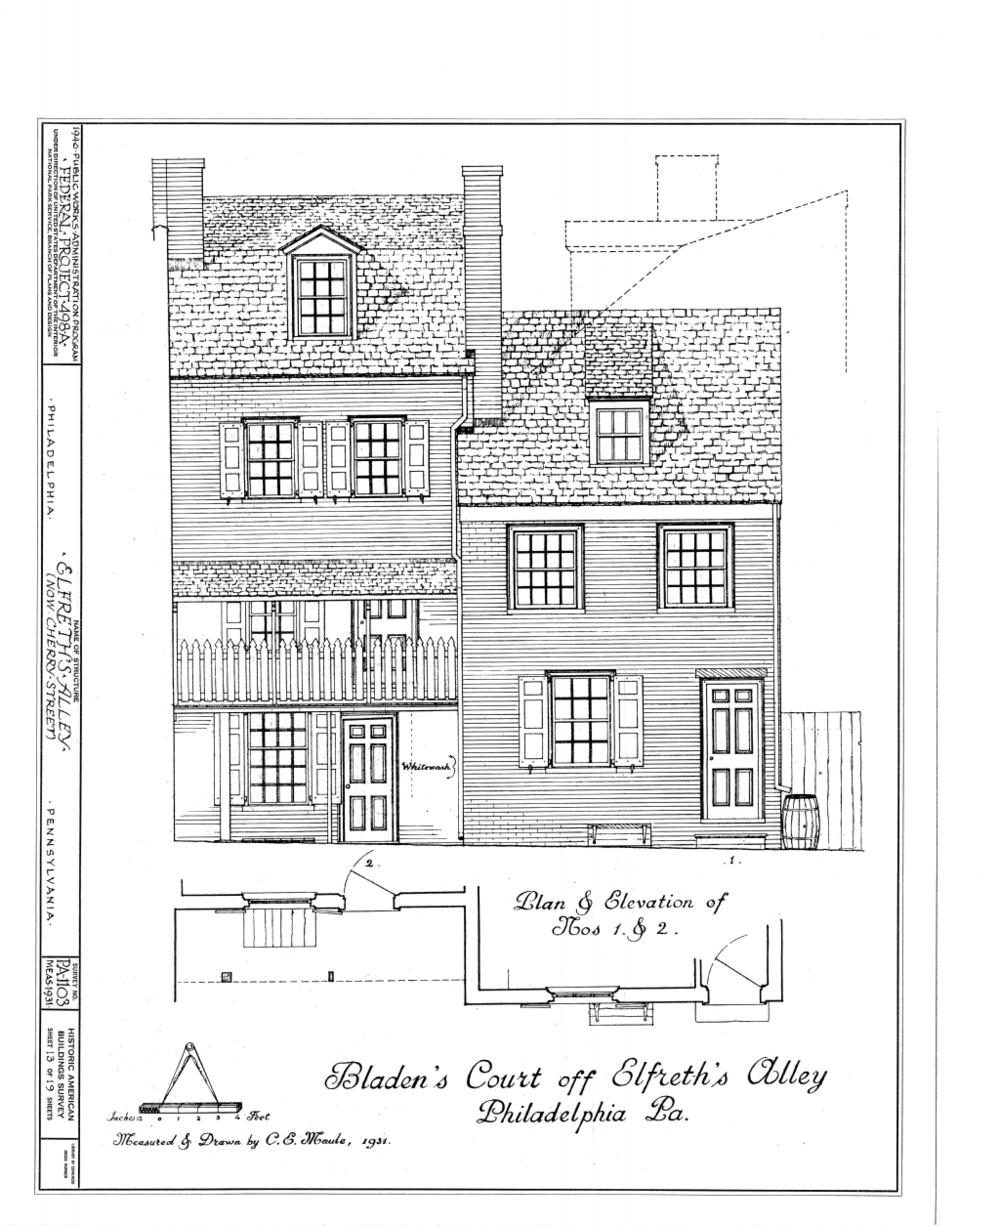 Bladen's Court No. 1 & 2